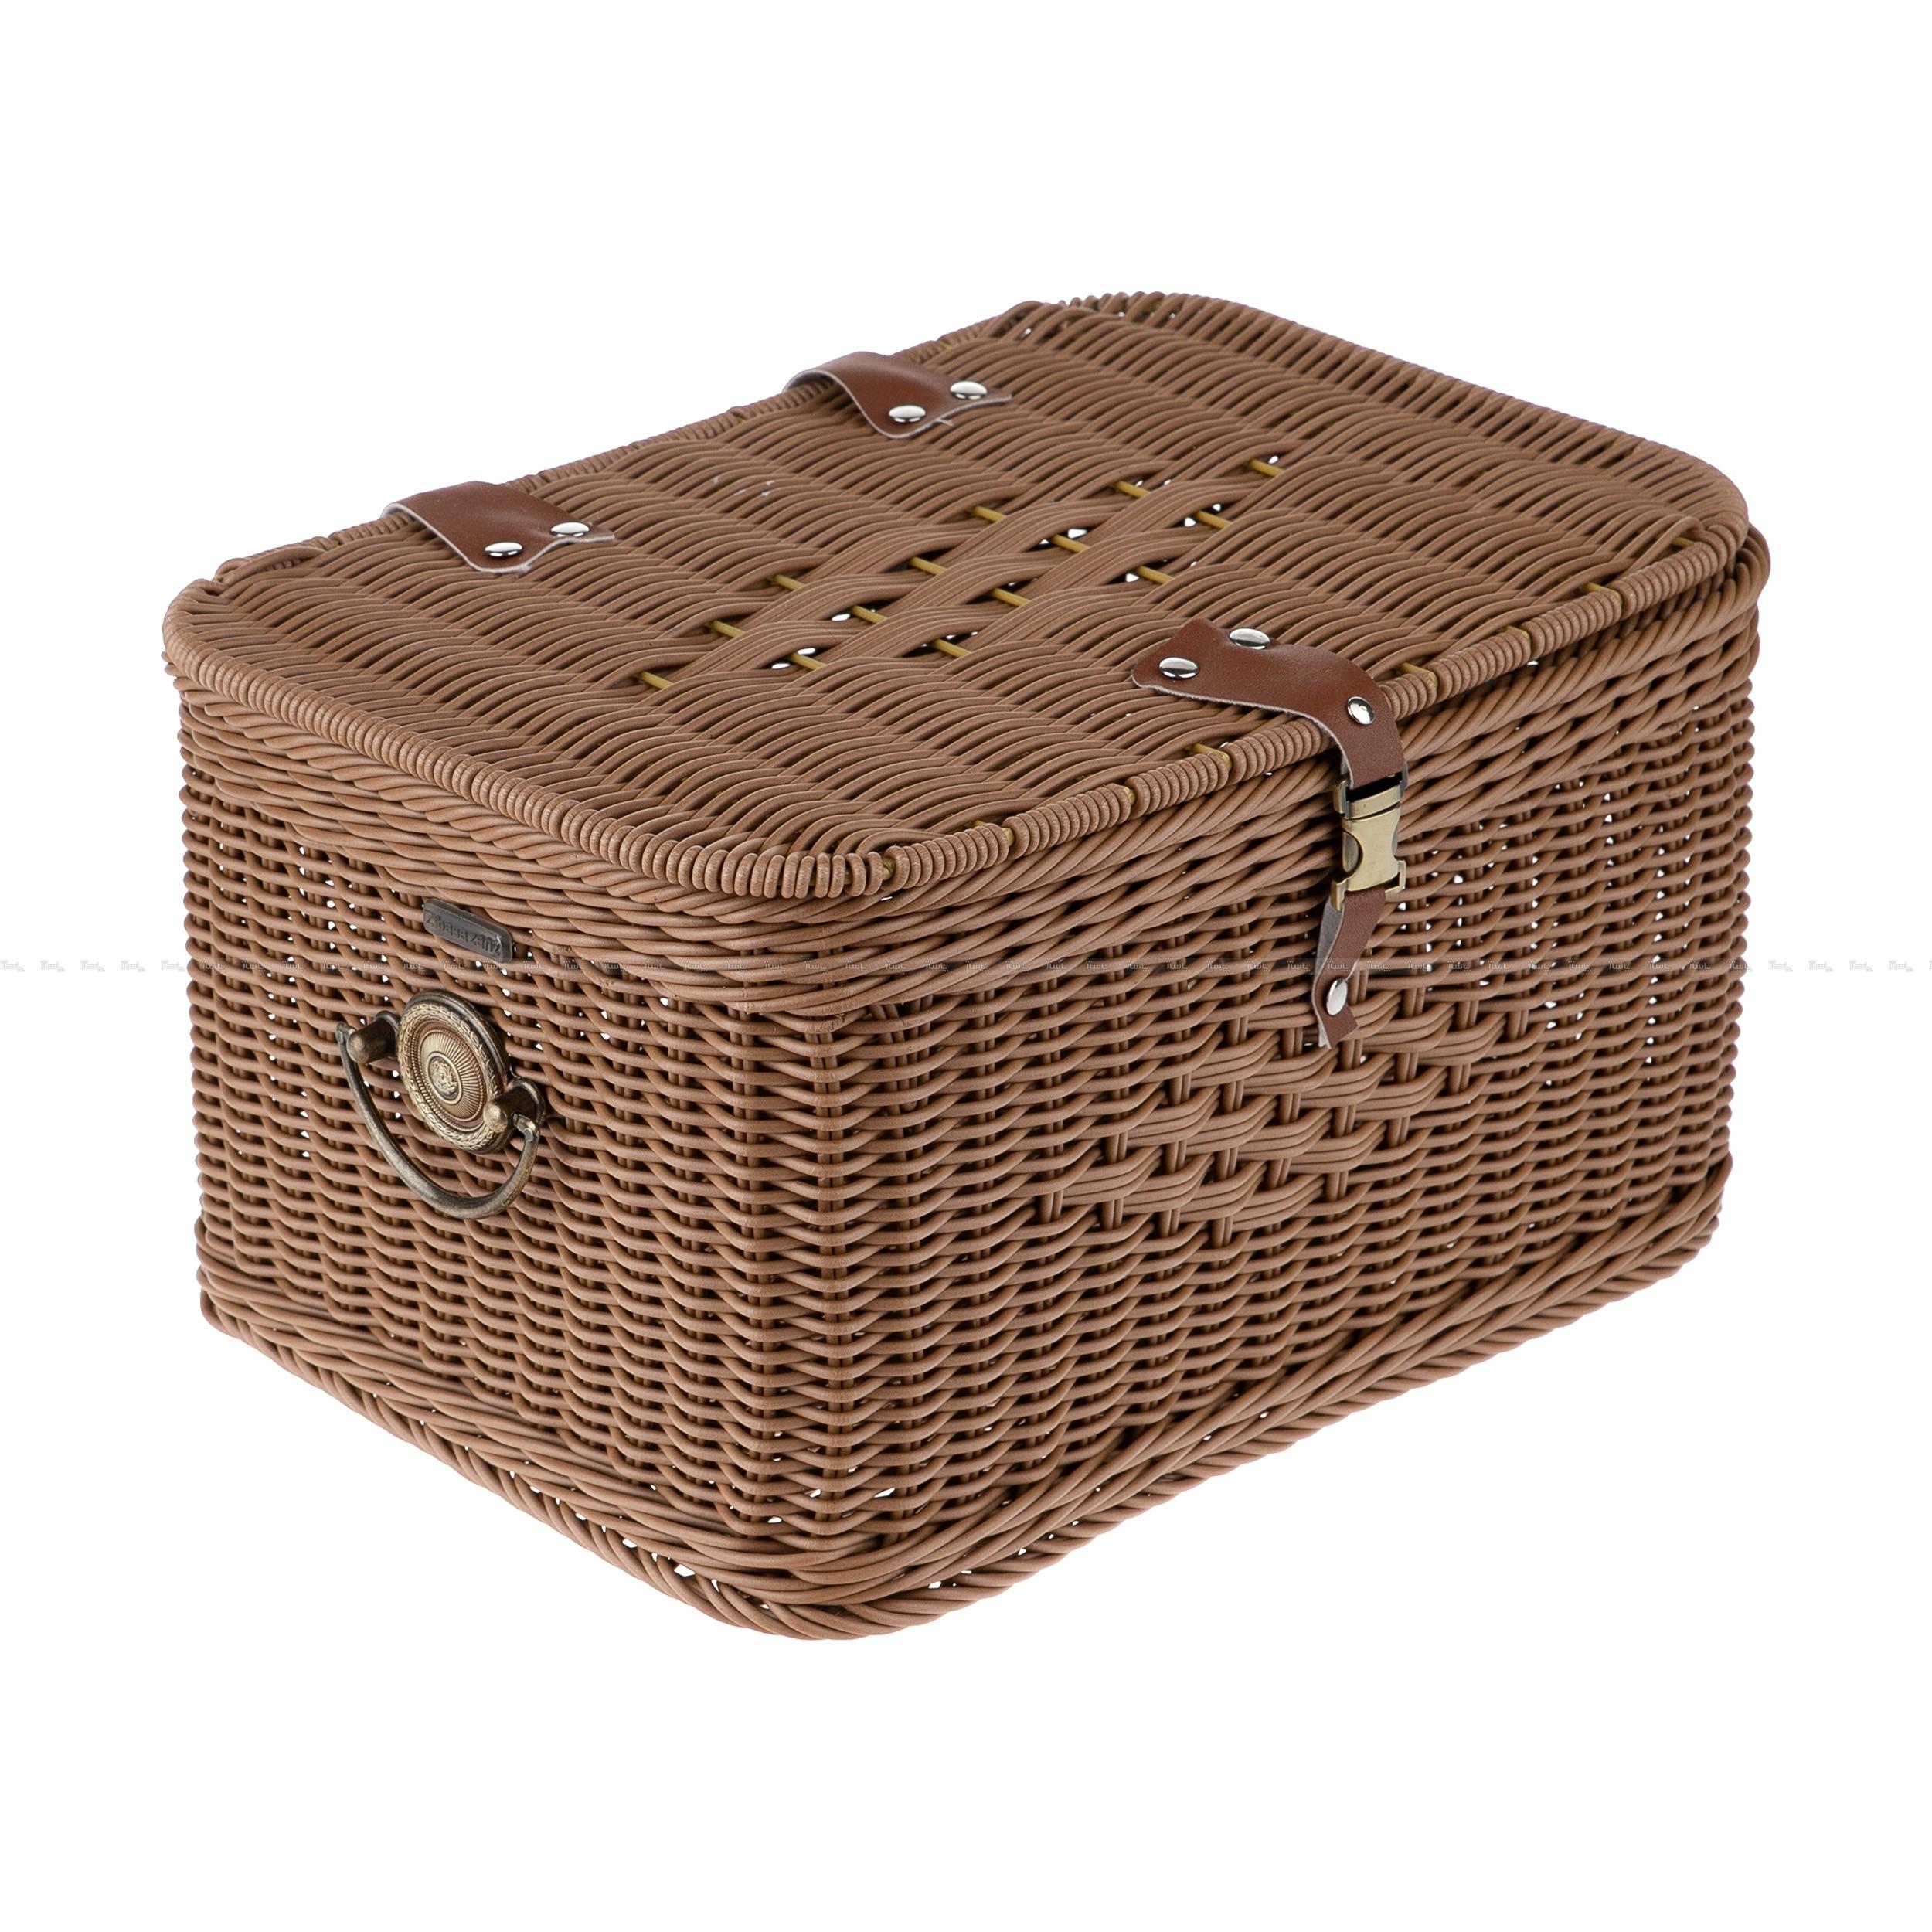 سبد پیک نیک زیبا کد 51049                            Ziba 51049 Camp Basket-تصویر اصلی